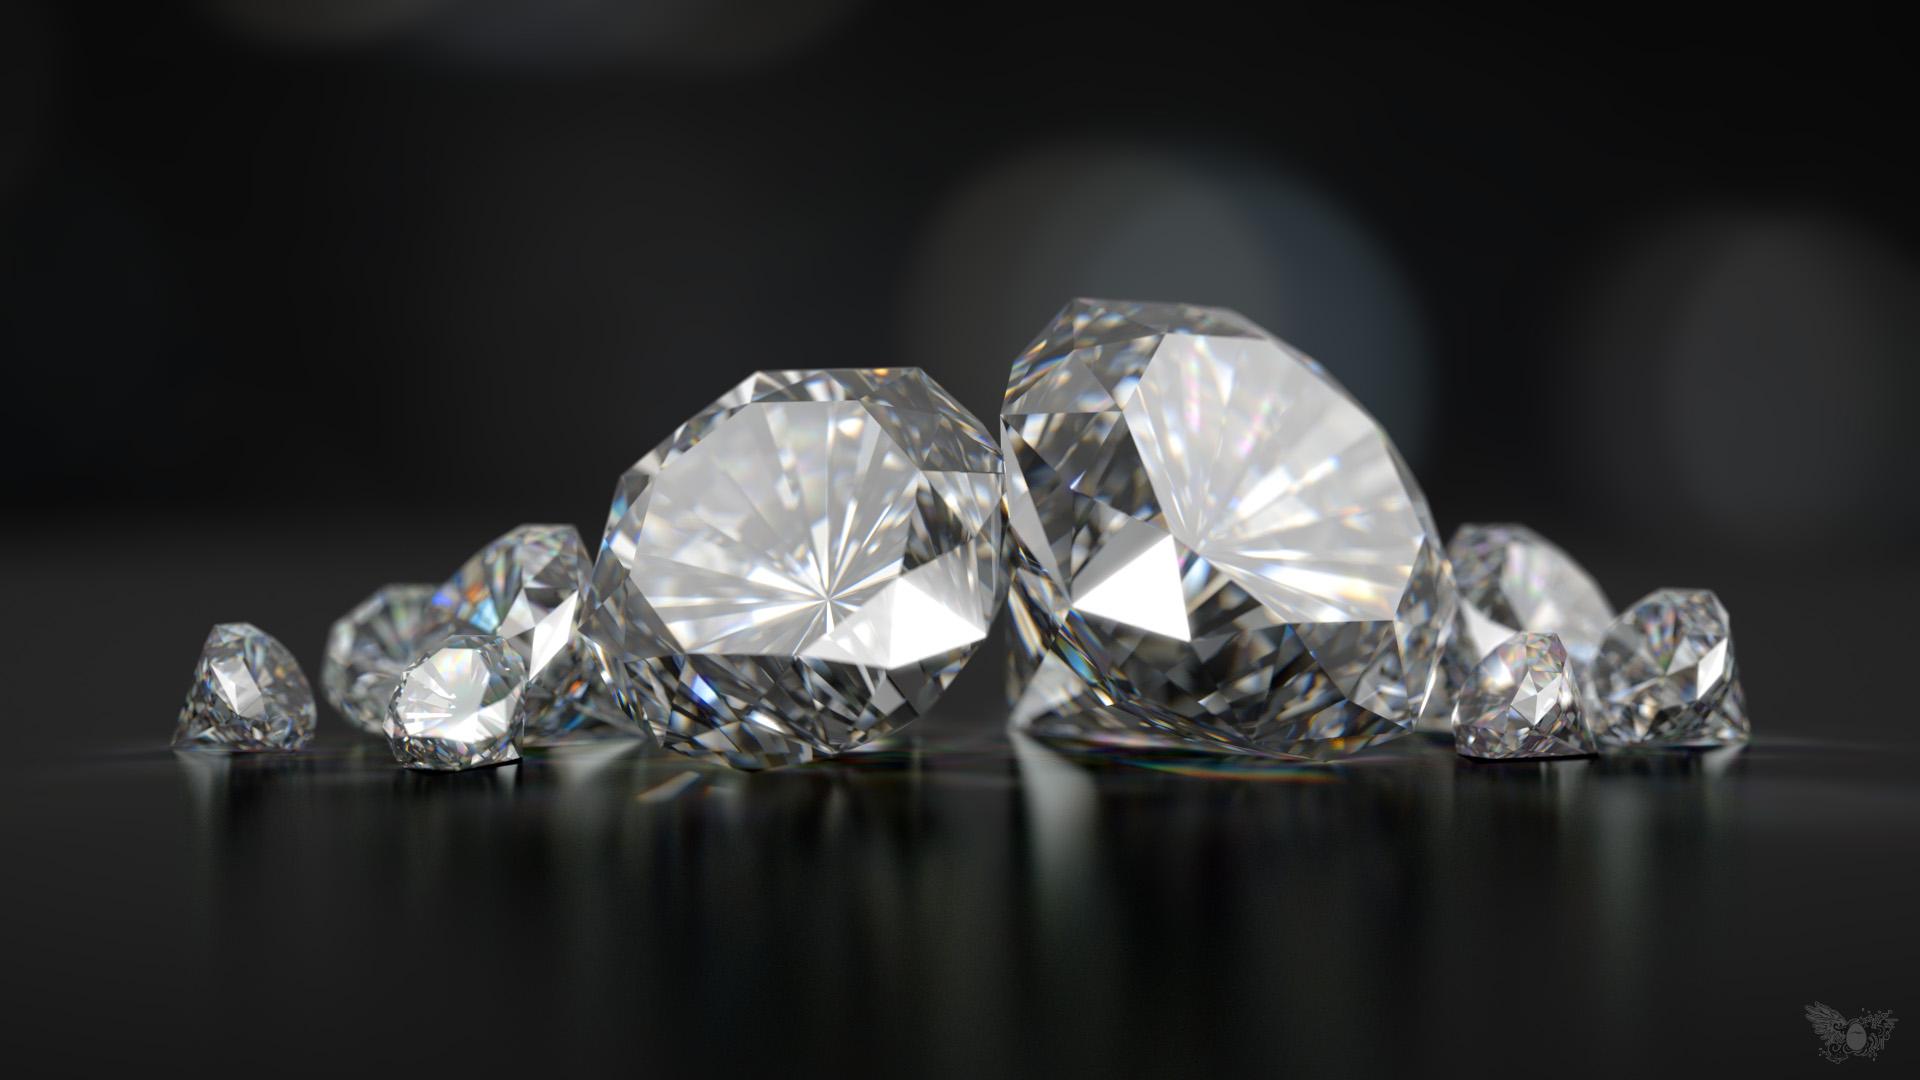 diamond_image01